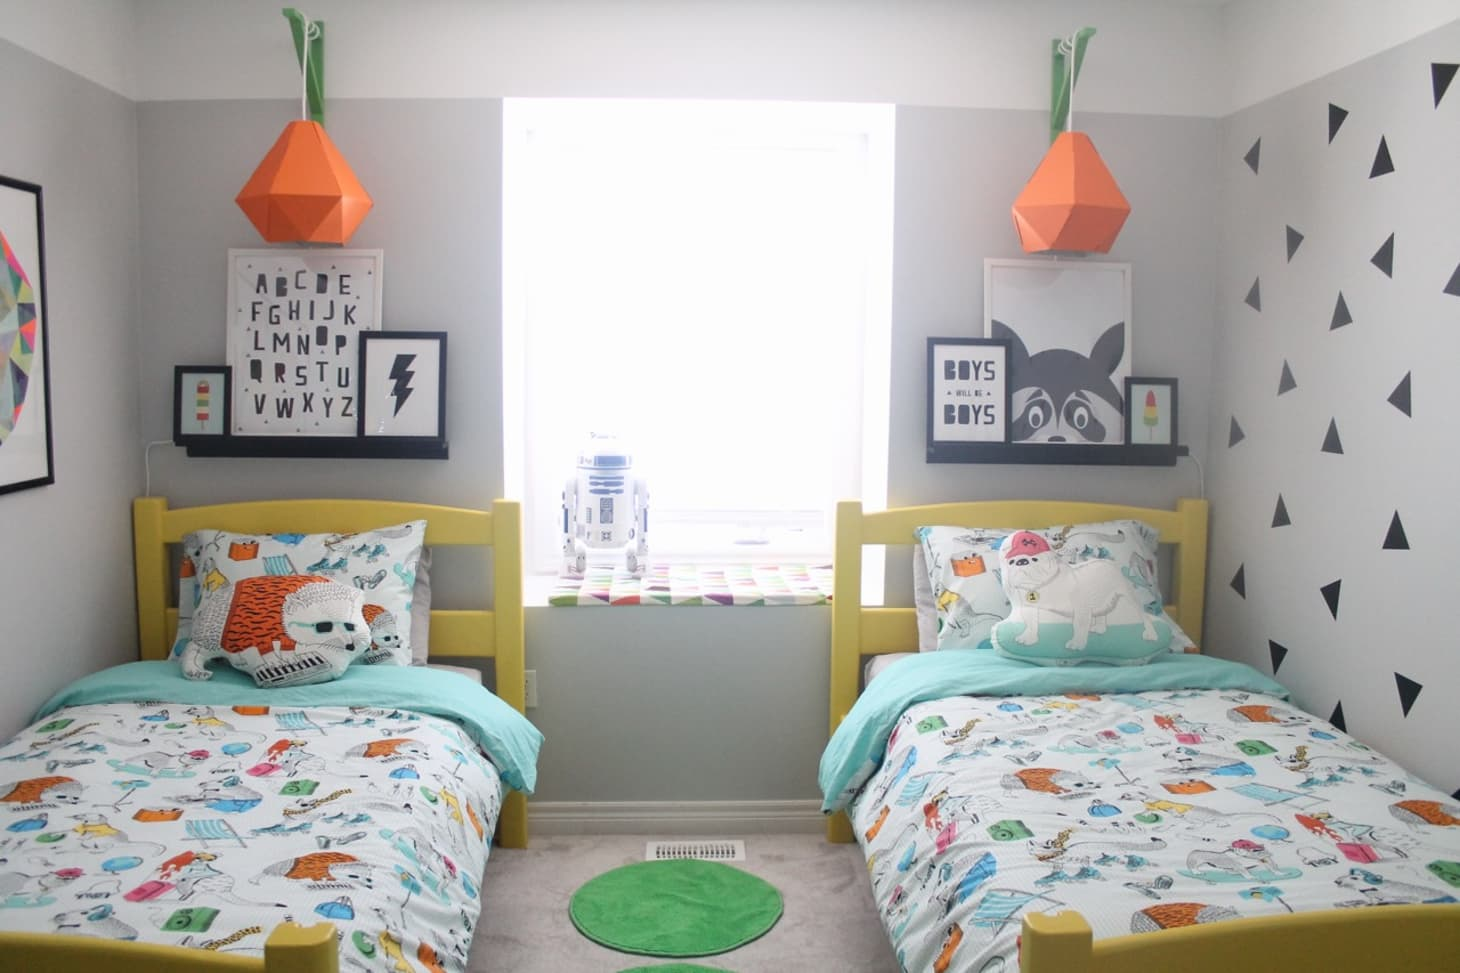 نتيجة بحث الصور عن غرف النوم للبنات والأولاد